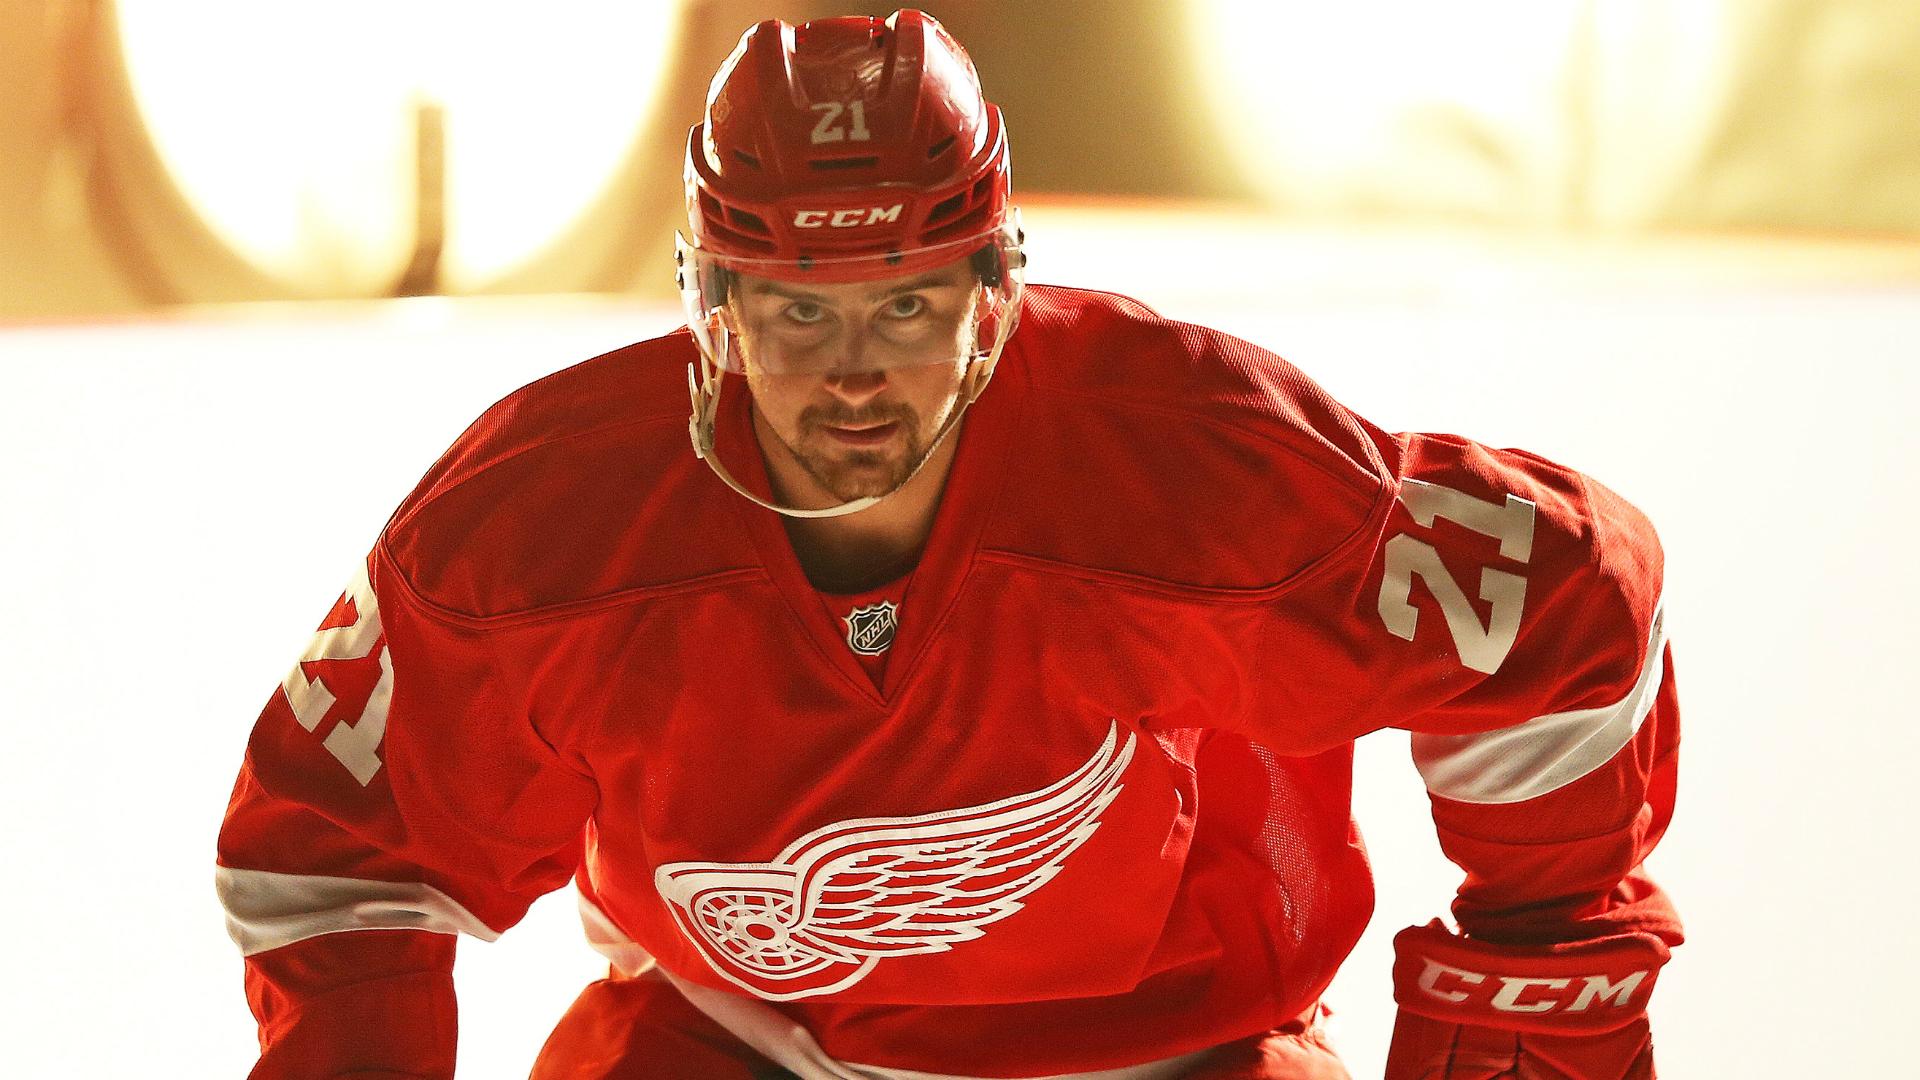 NHL trade deadline: Golden Knights grab Tomas Tatar